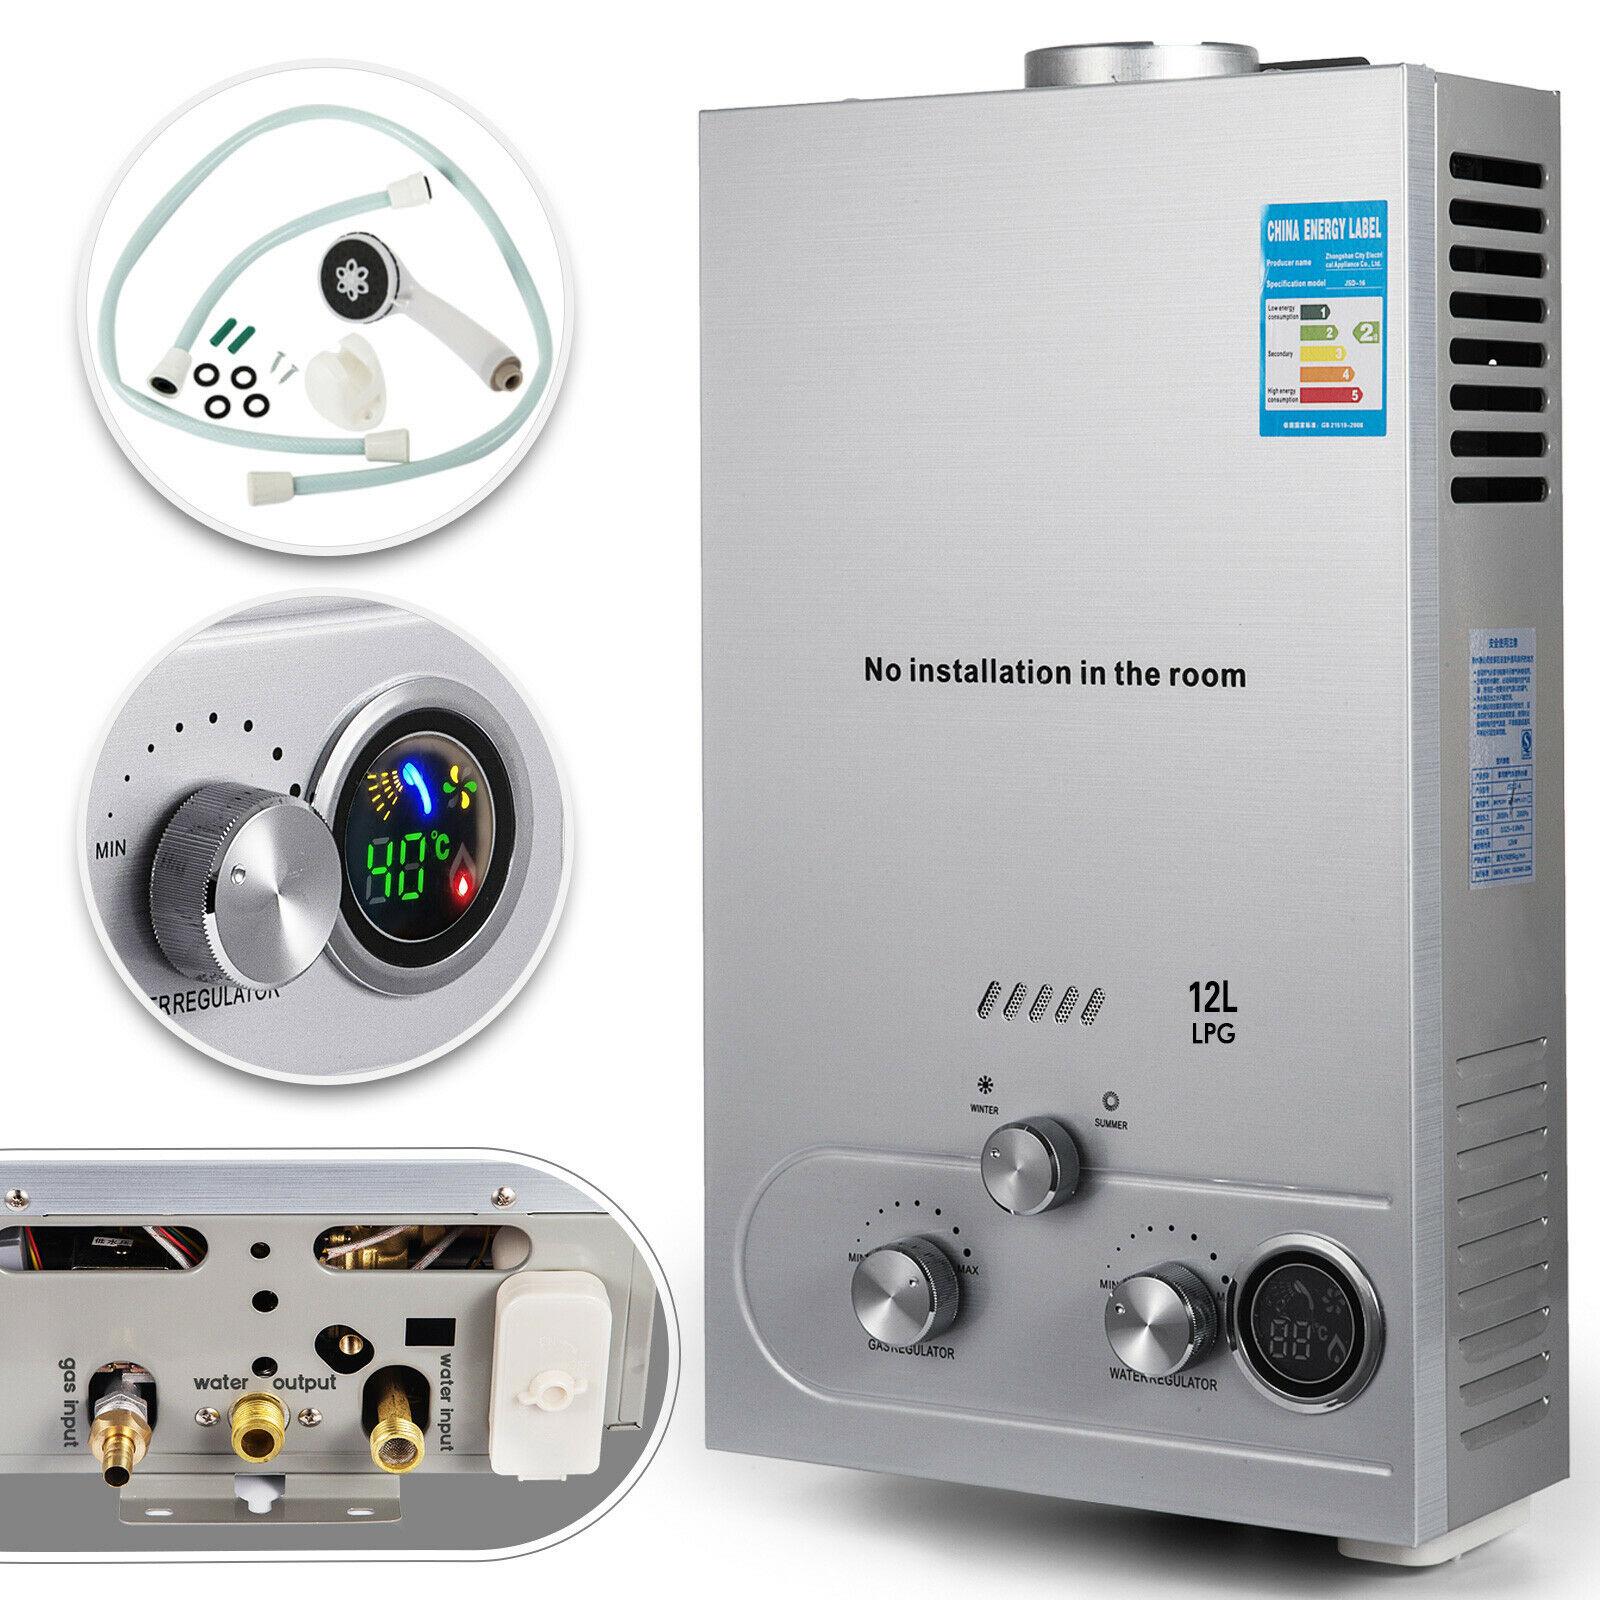 سخان مياه فوري يعمل بغاز البروبان بدون خزان ، غلاية 12 لتر مع طقم دش ، الاتحاد الأوروبي/الولايات المتحدة الأمريكية